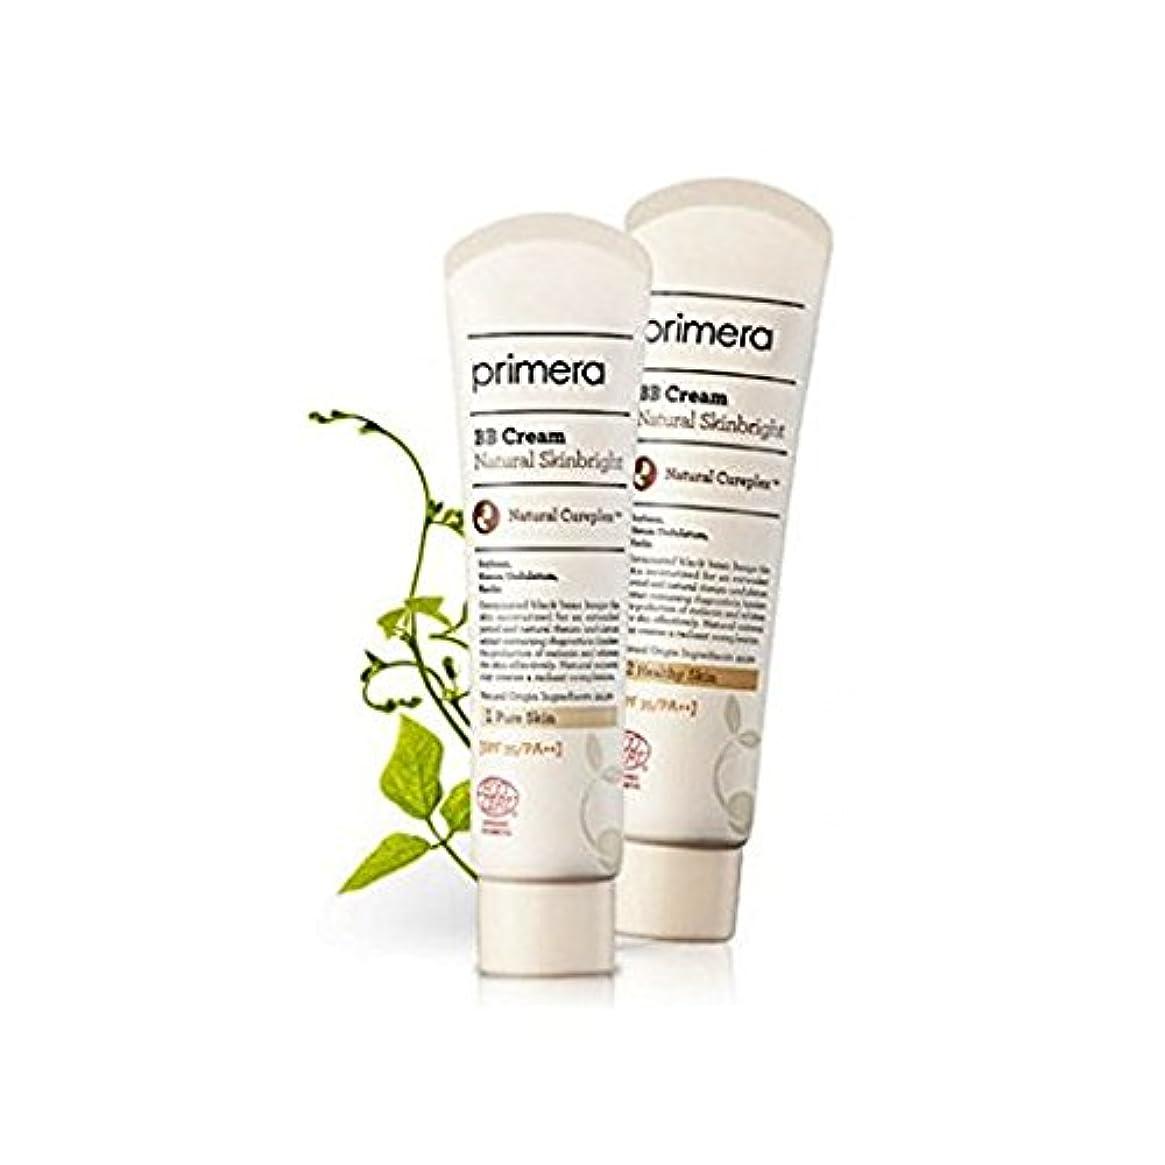 バラ色入口キーPrimera(プリメラ) ナチュラル スキン ブライト BBクリーム 30ml(Healthy Skin) /Primera Natural Skin Bright BB Cream 30ml(Healthy Skin...